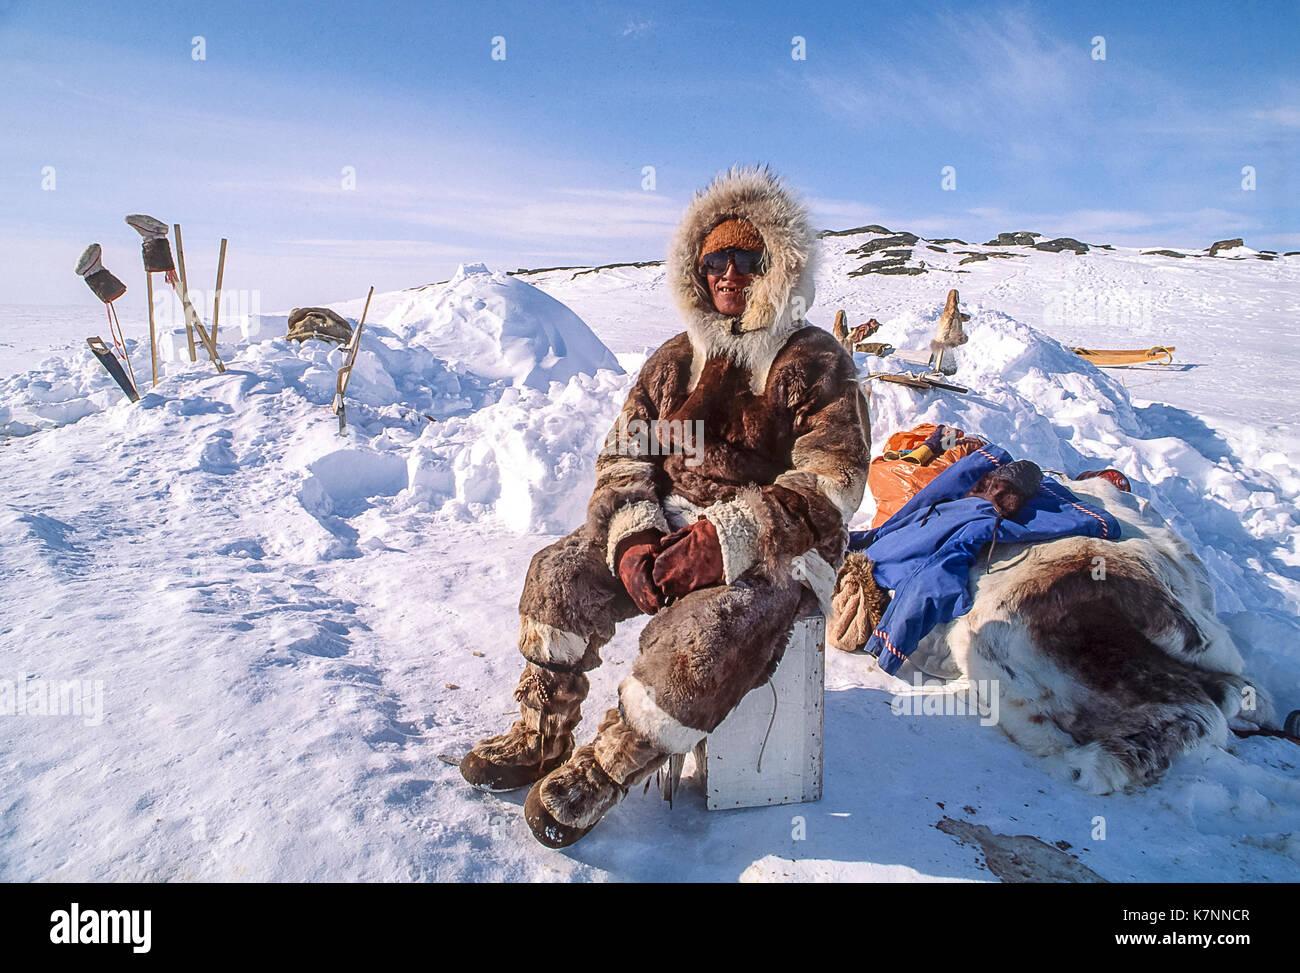 Dirigente inuit, 60s, vestidos con ropa tradicional de piel de caribú, descansa fuera de su iglú, visto detrás de él con herramientas y botas para el aire. Imagen De Stock